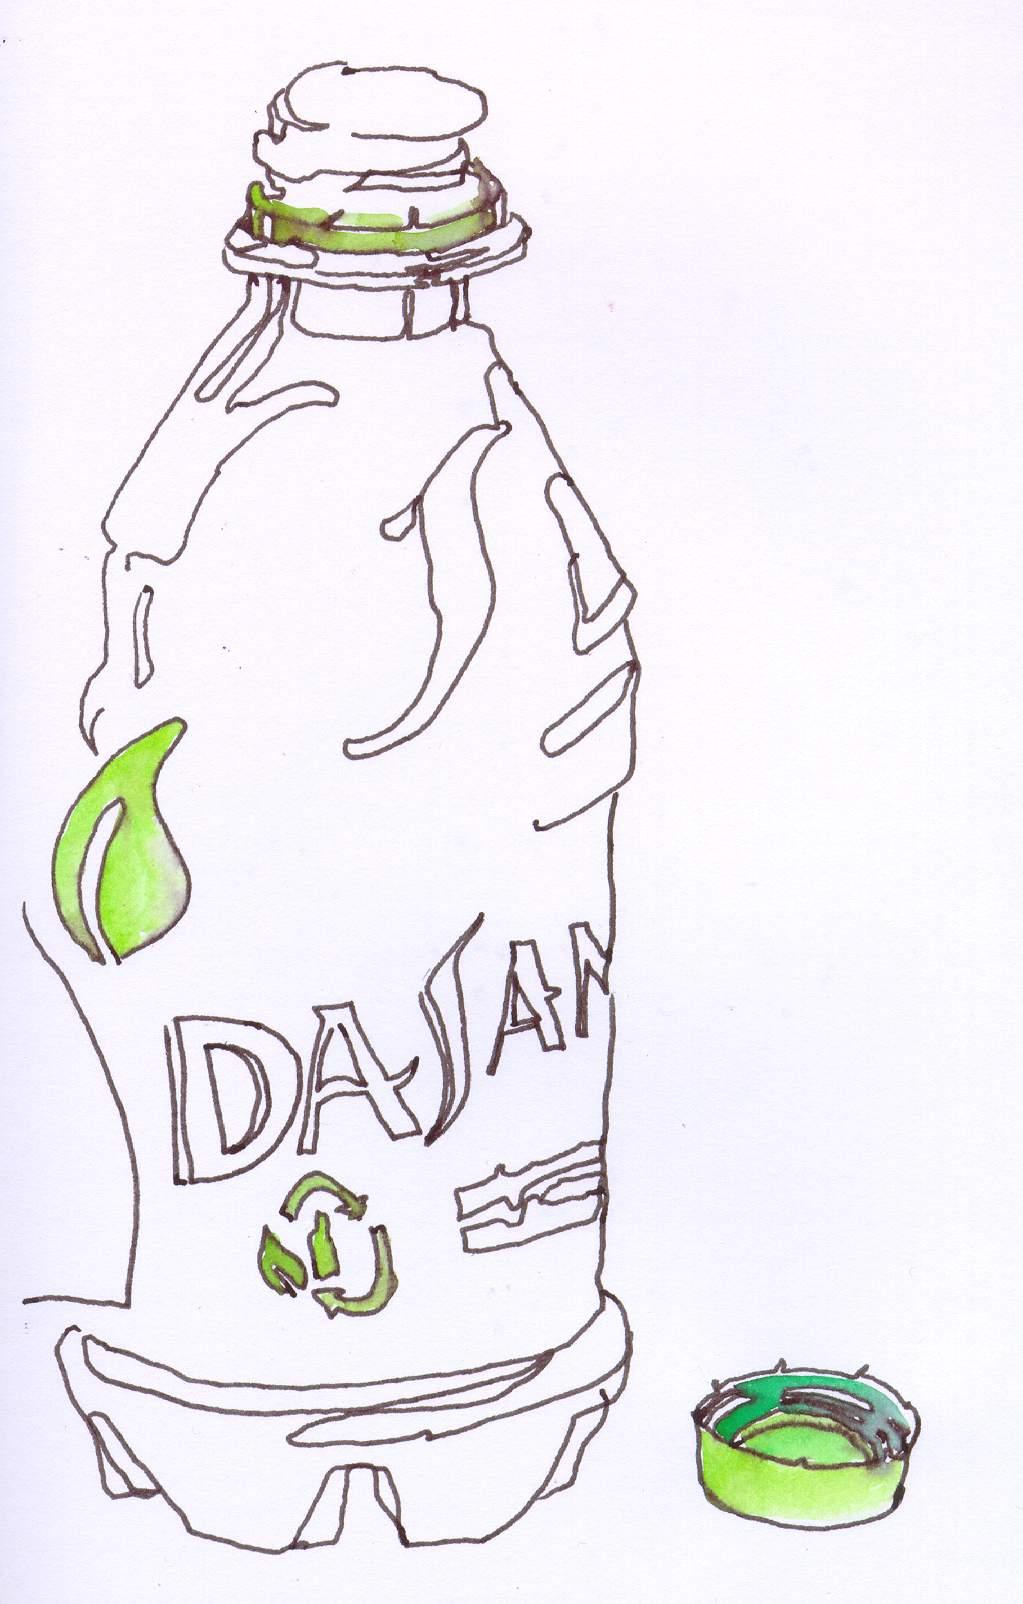 1023x1604 Dasani Water Bottle Innk Drawing Chris Carter Art 120811 Web